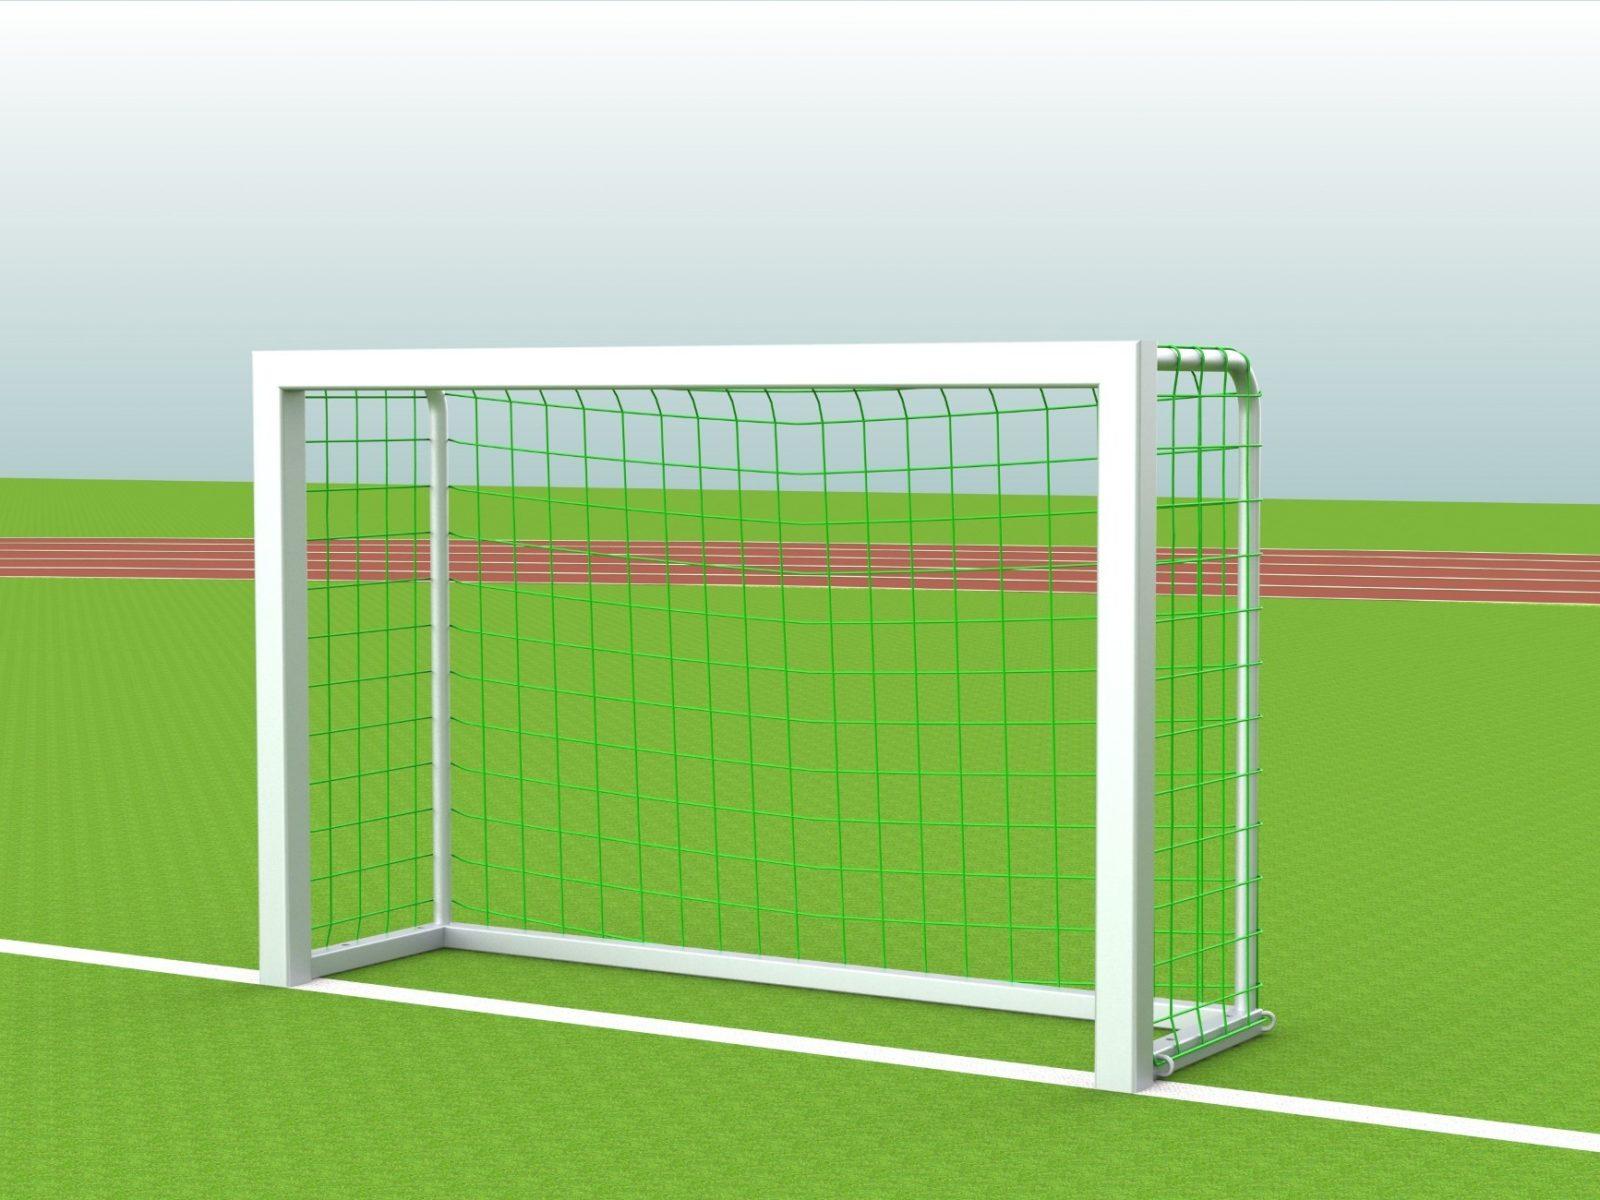 Minitor für den maximalen Spielspaß im Garten und auf dem Trainingsplatz